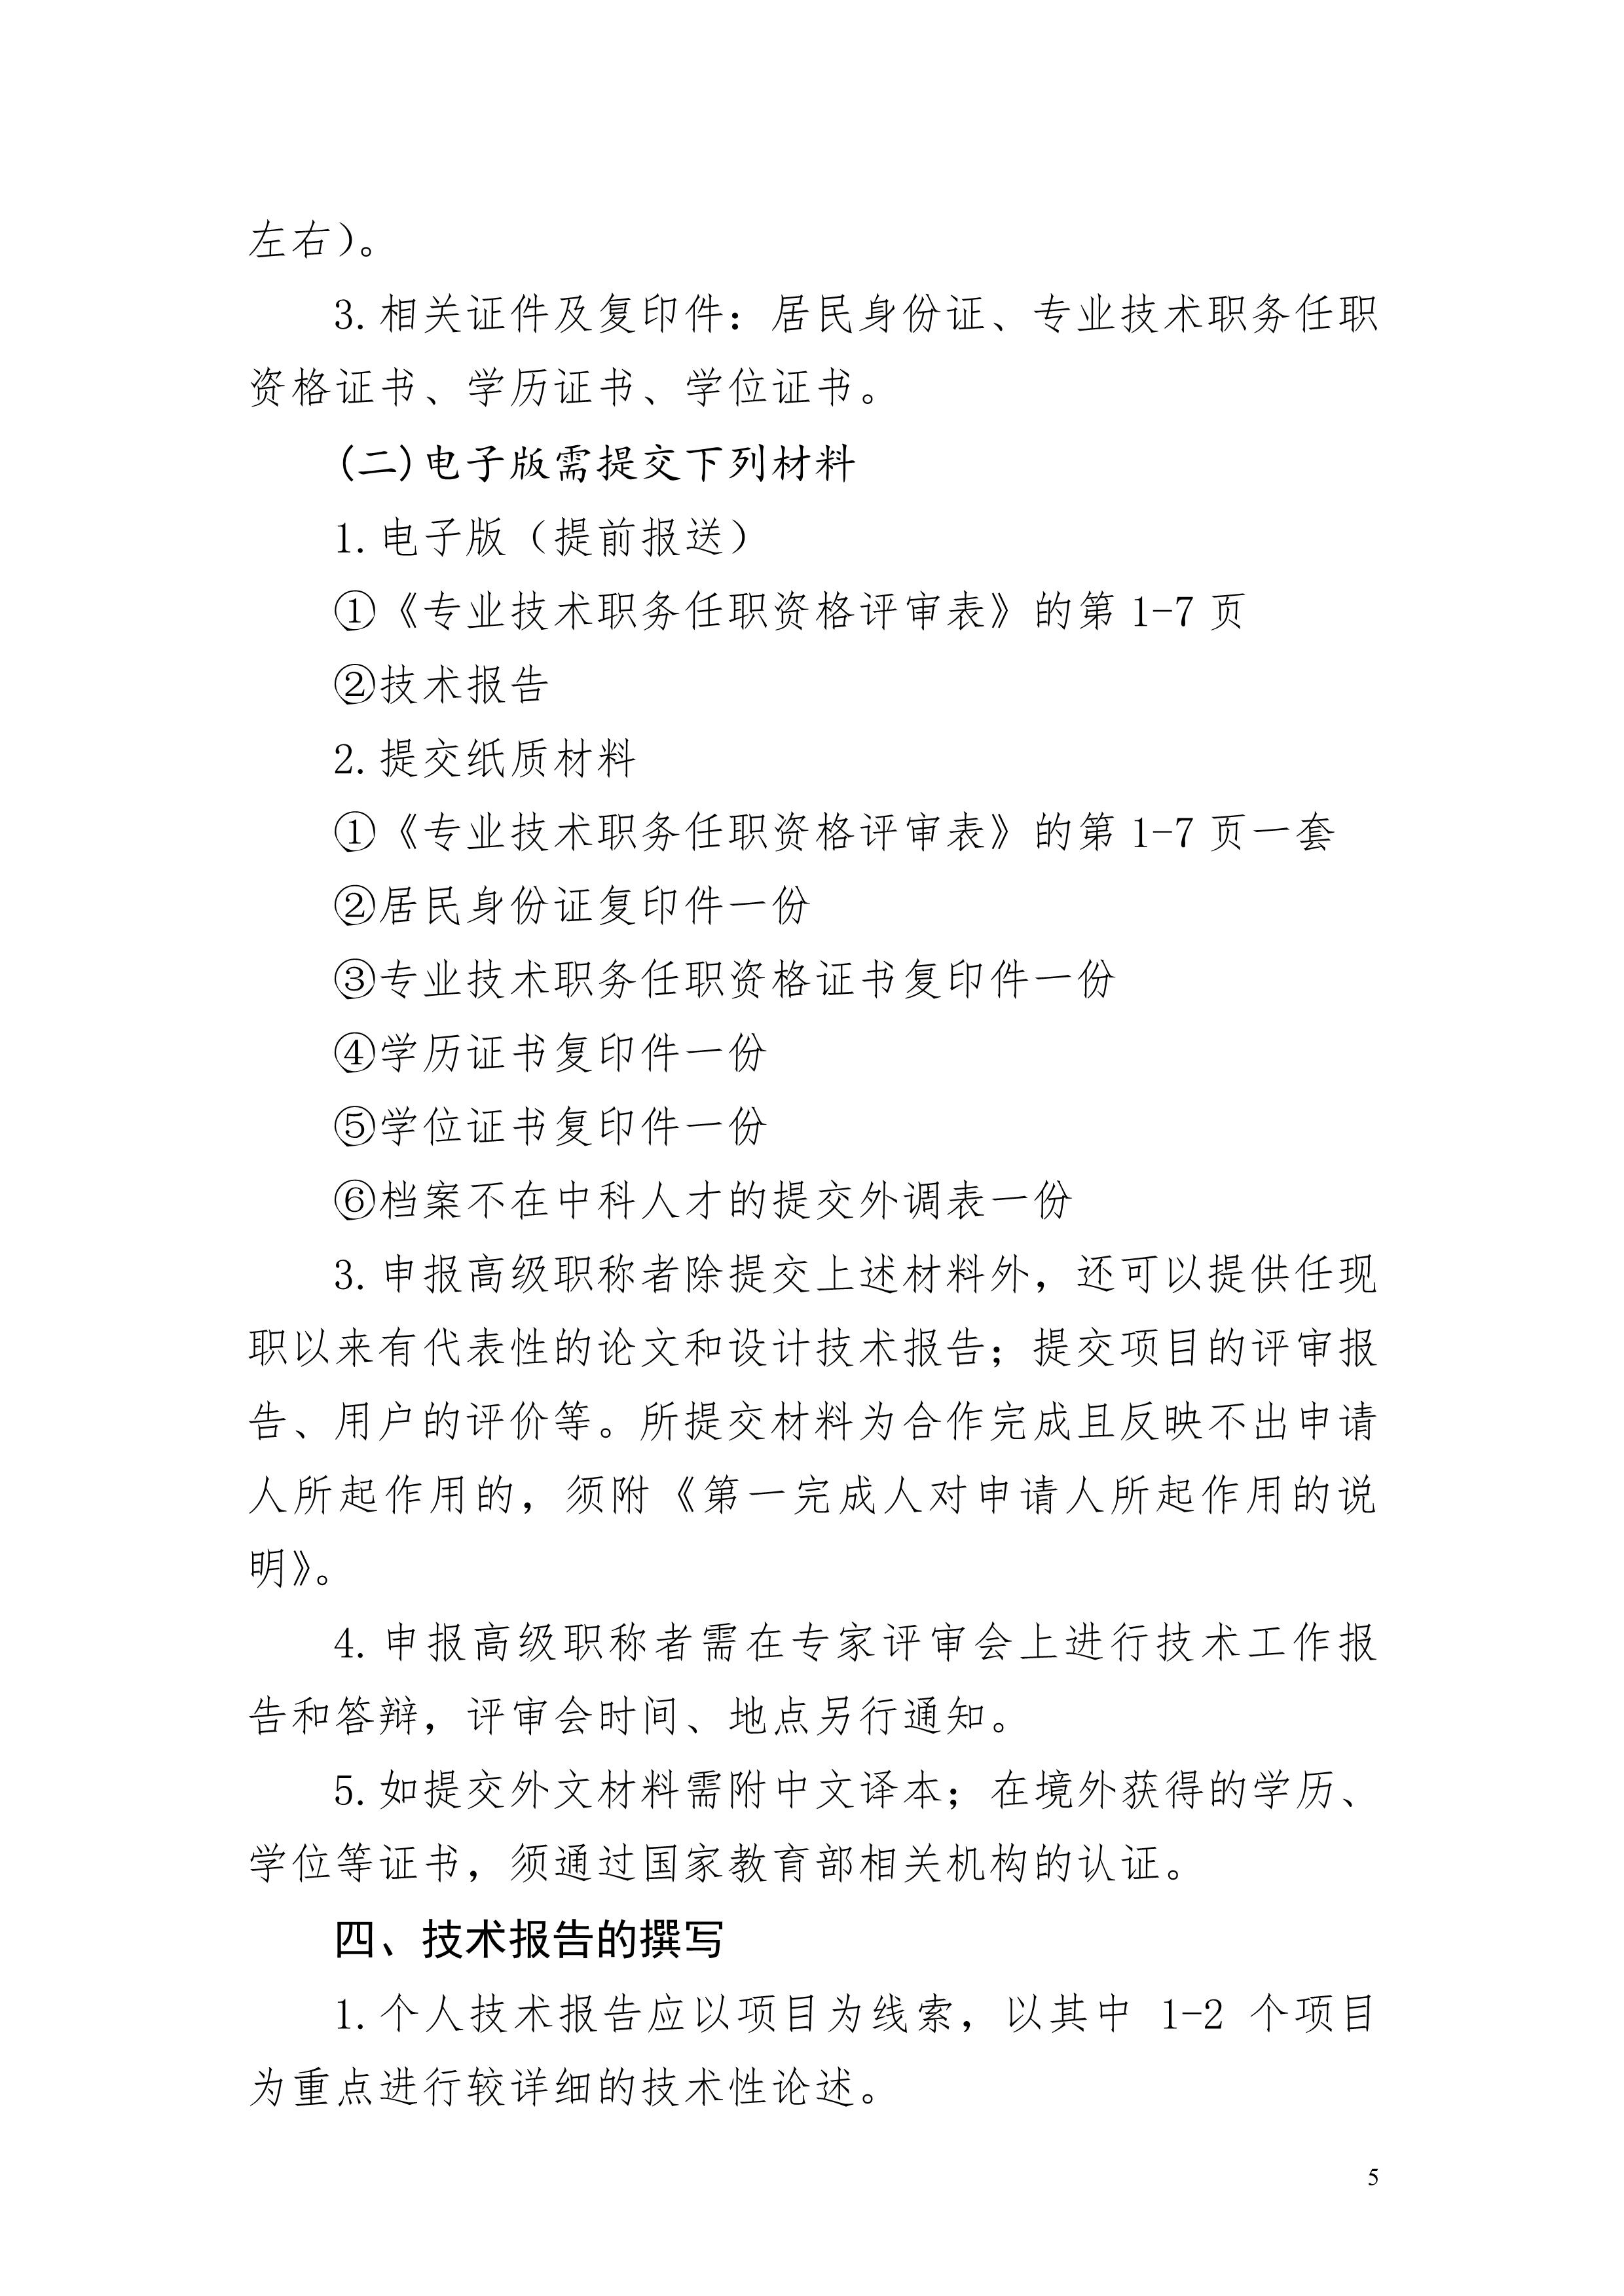 2019年职称文件(1)_5.jpg